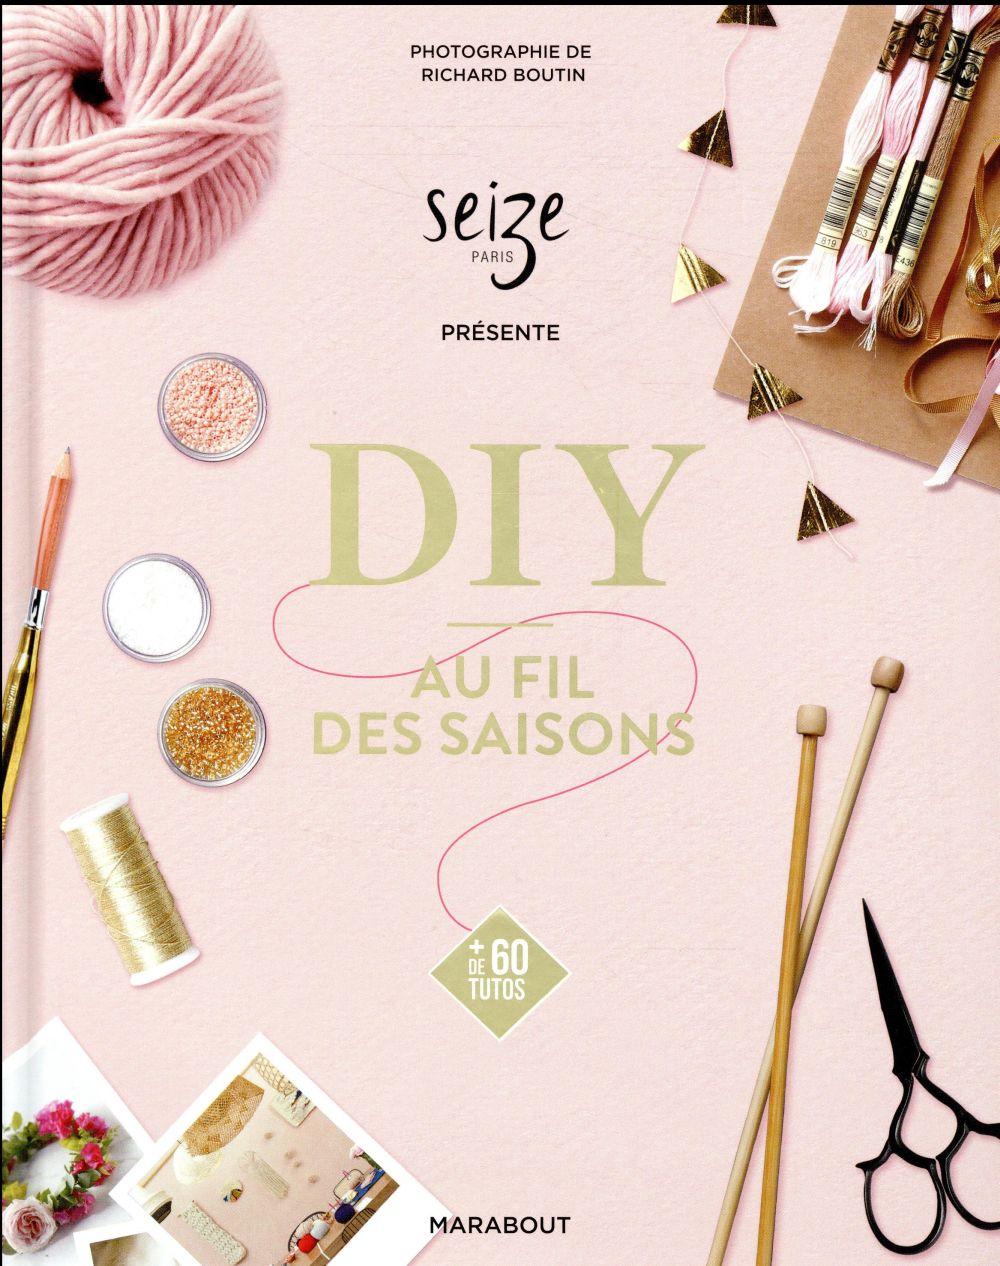 CHICOINE CLAIRE - DIY AU FIL DES SAISONS